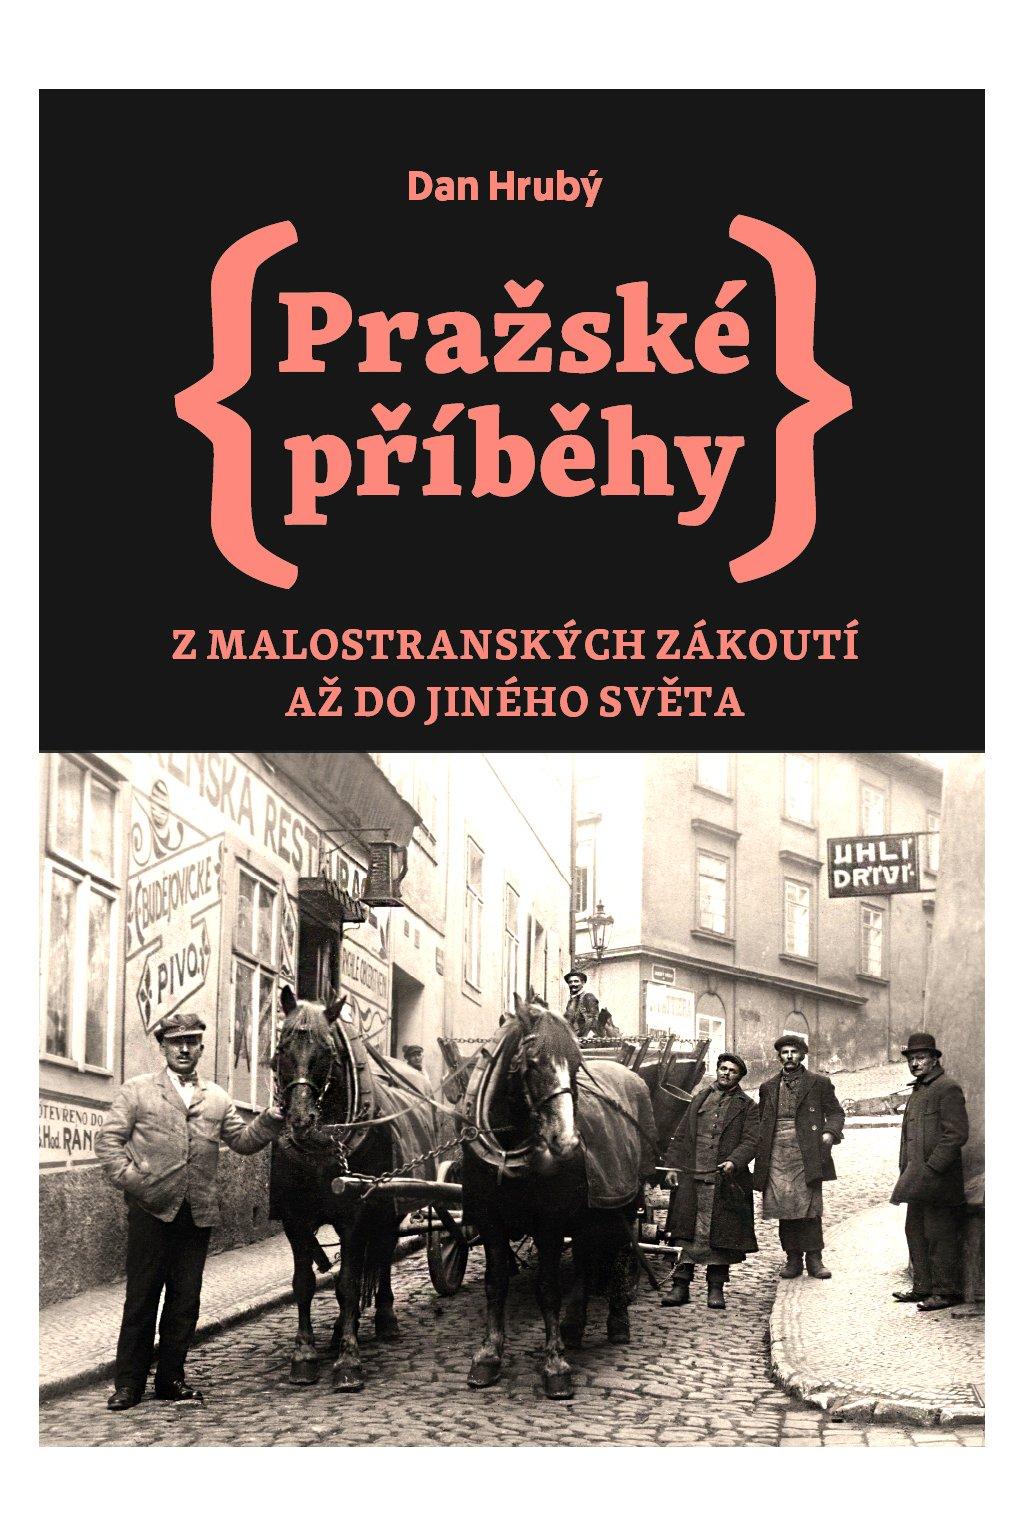 PrazPribehy3 obalka distribuce predek